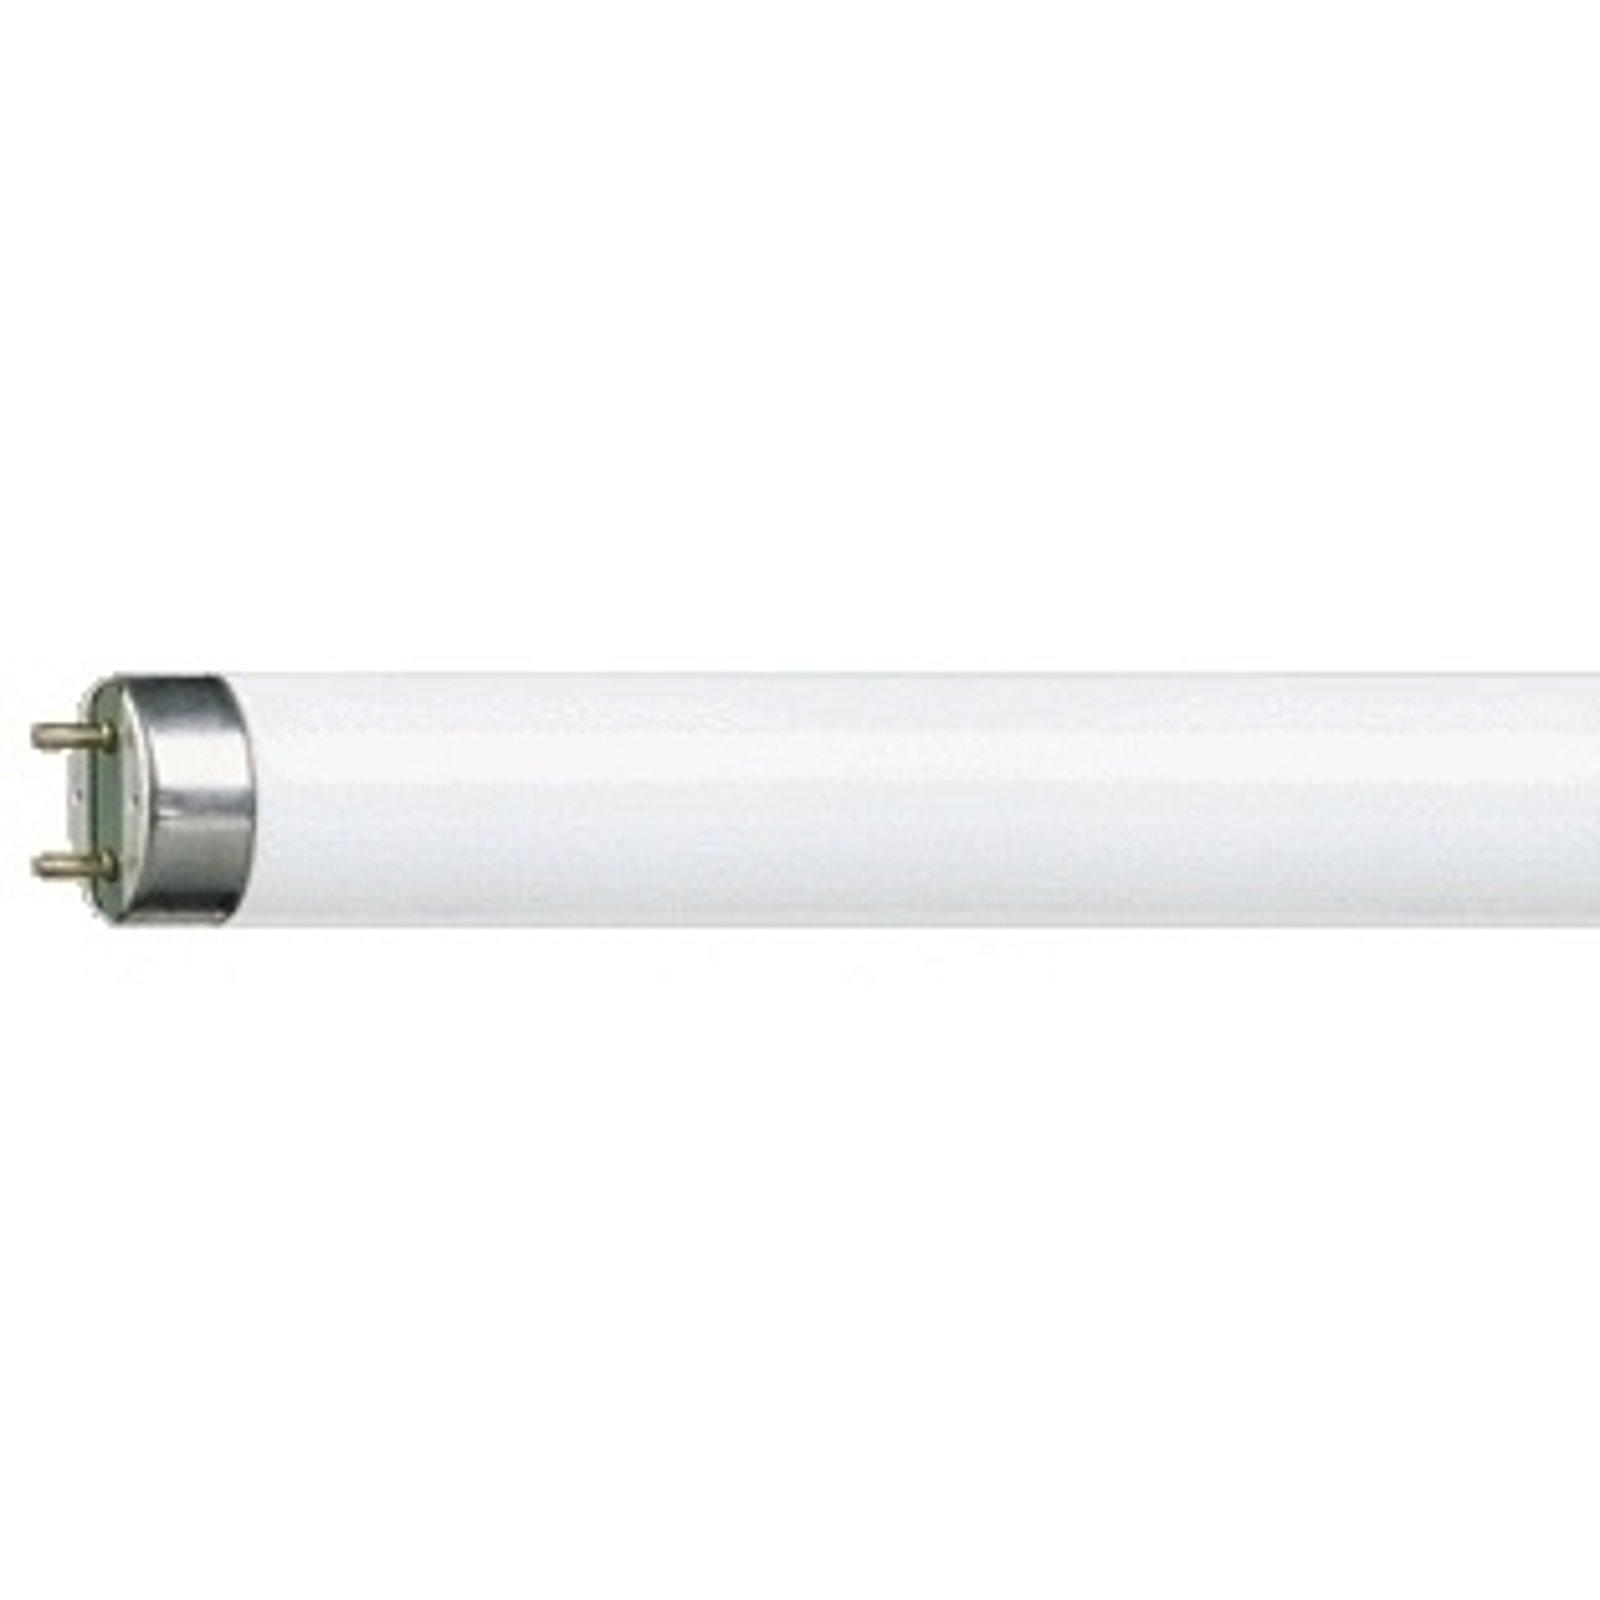 G13 T8-lyspære MASTER TL-D Super 58W/840